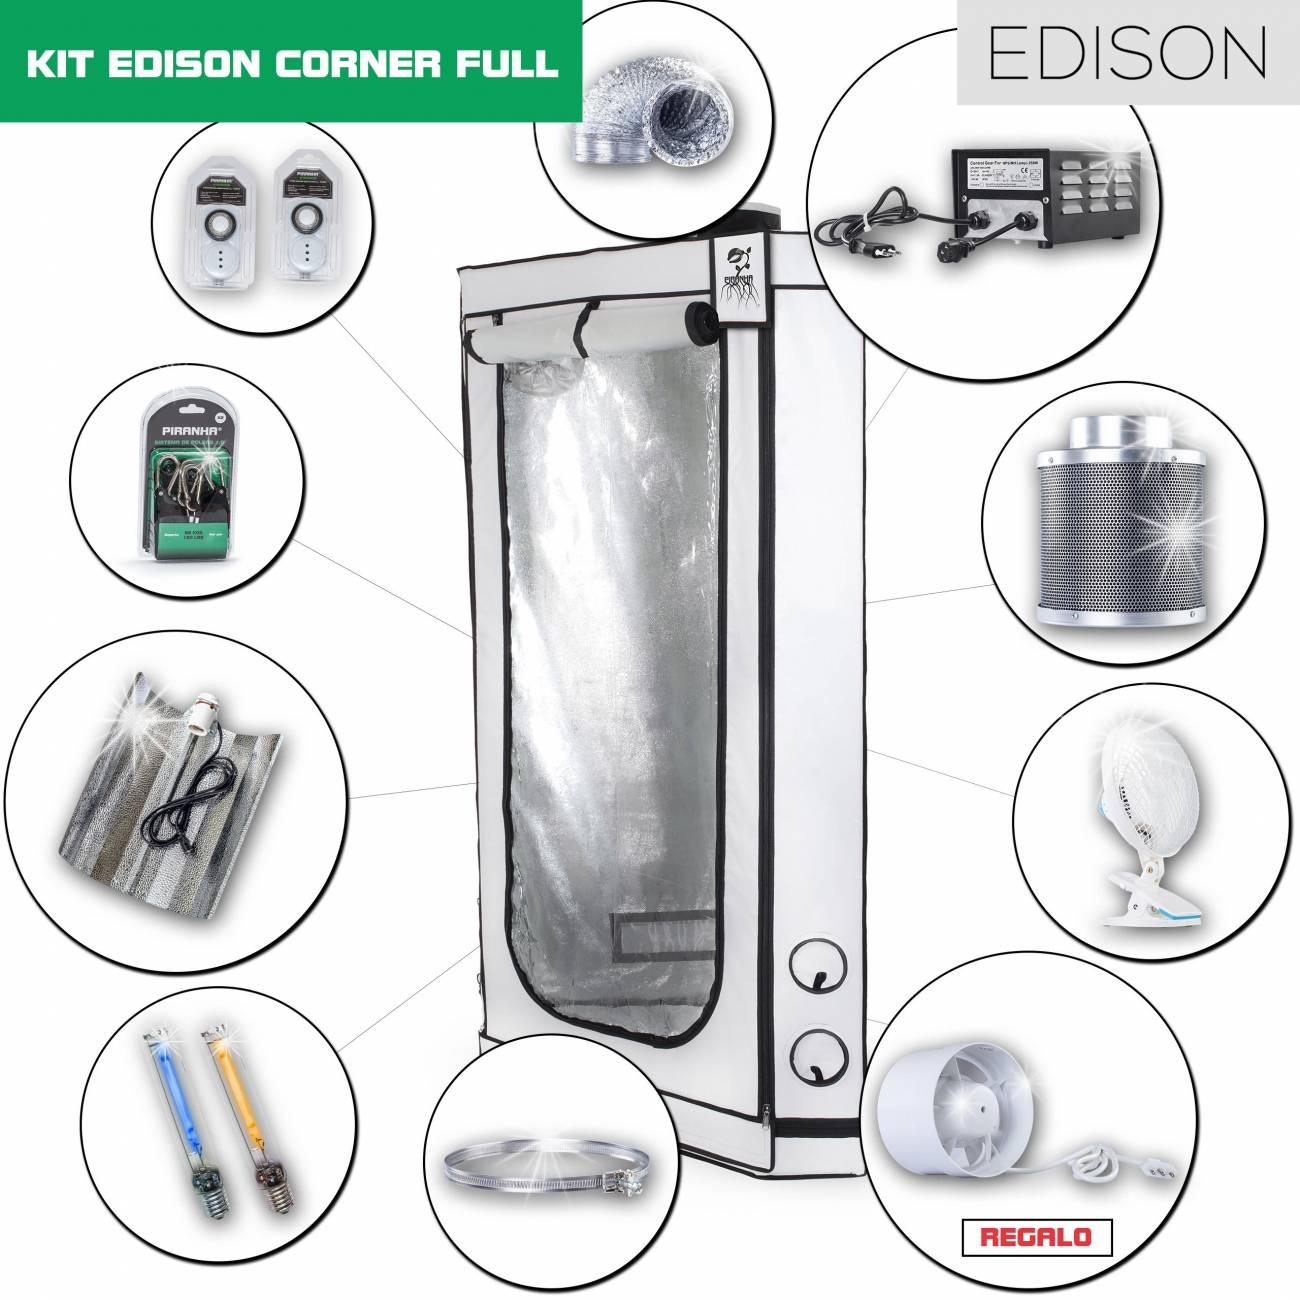 Kit Edison Corner - 400W Completo